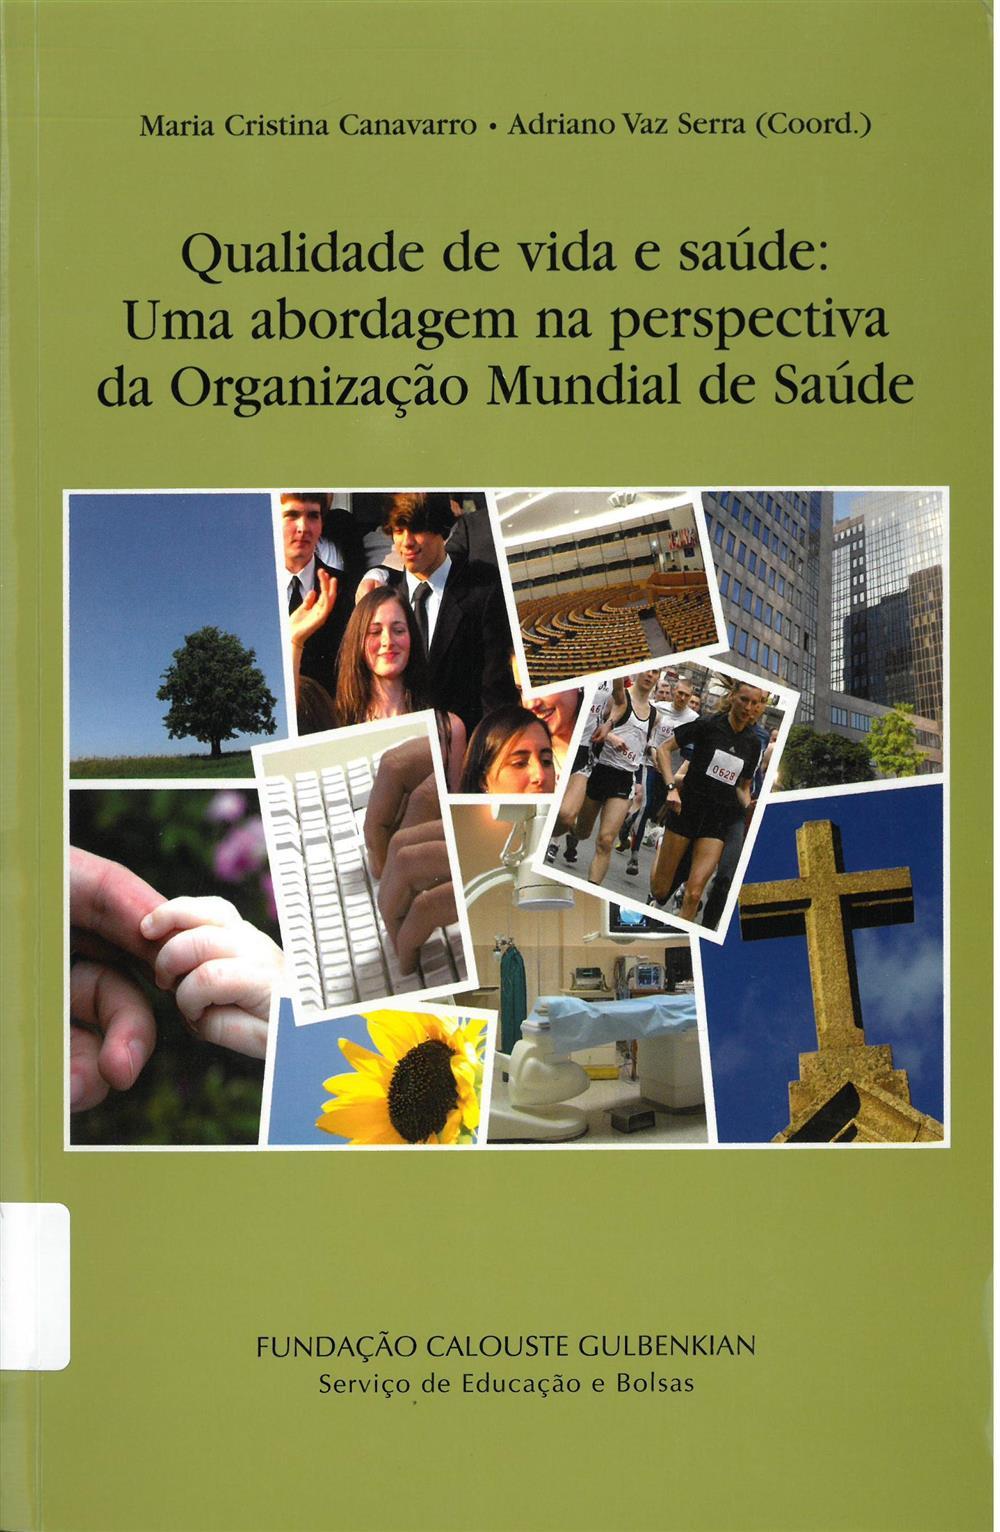 Qualidade de vida e saúde : uma abordagem na perspetiva da Organização Mundial de Saúde.jpg